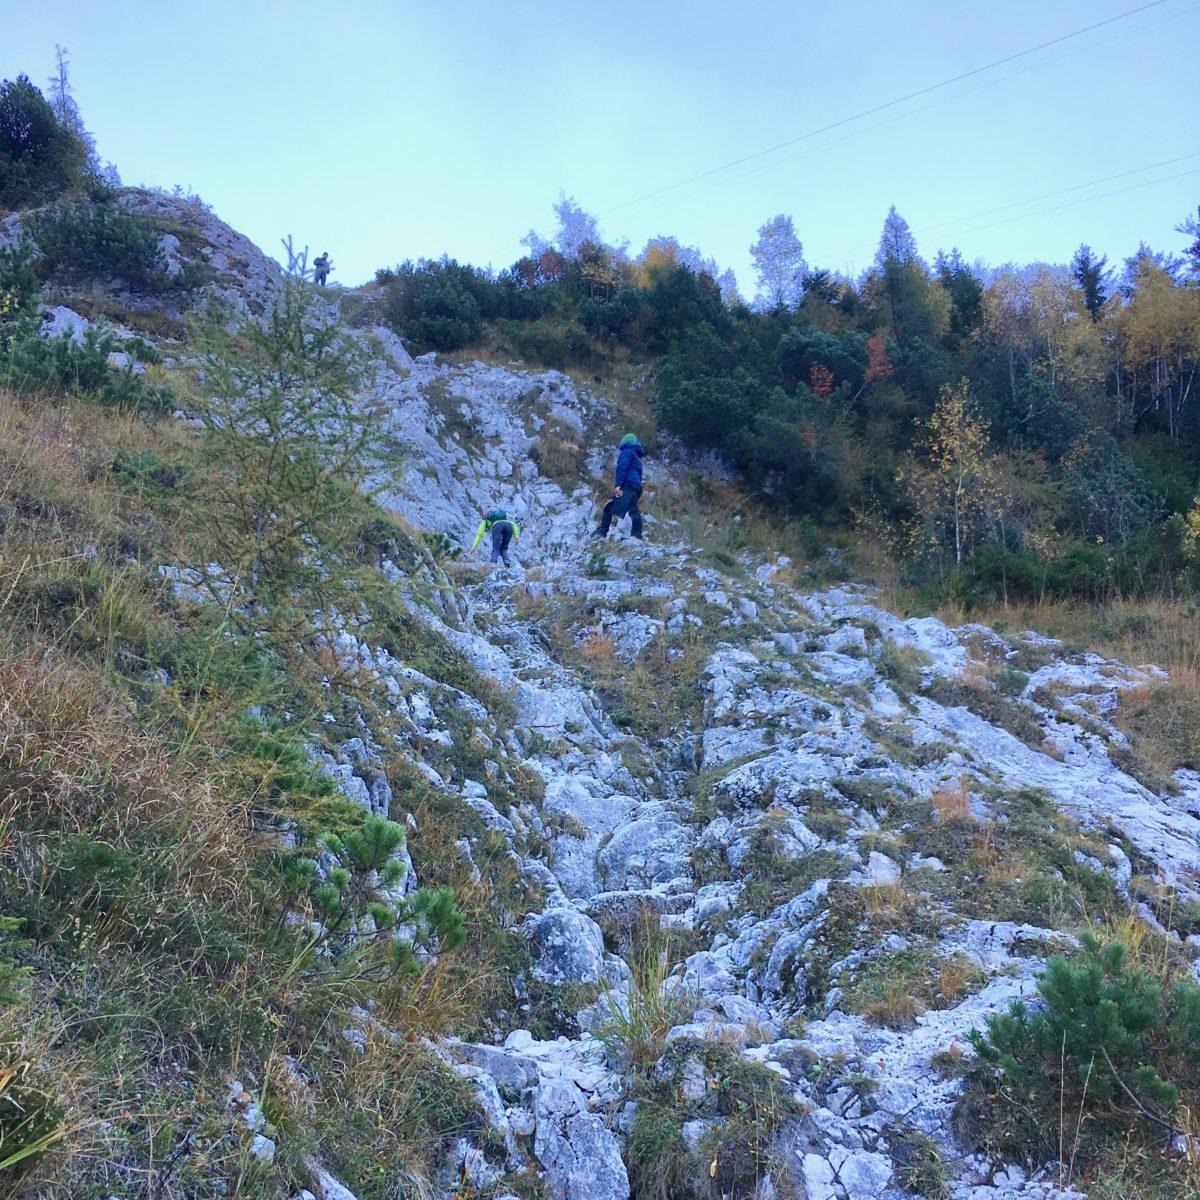 Prüfunsgteil 3: Kletterpassagen im Schrofen-Gelände